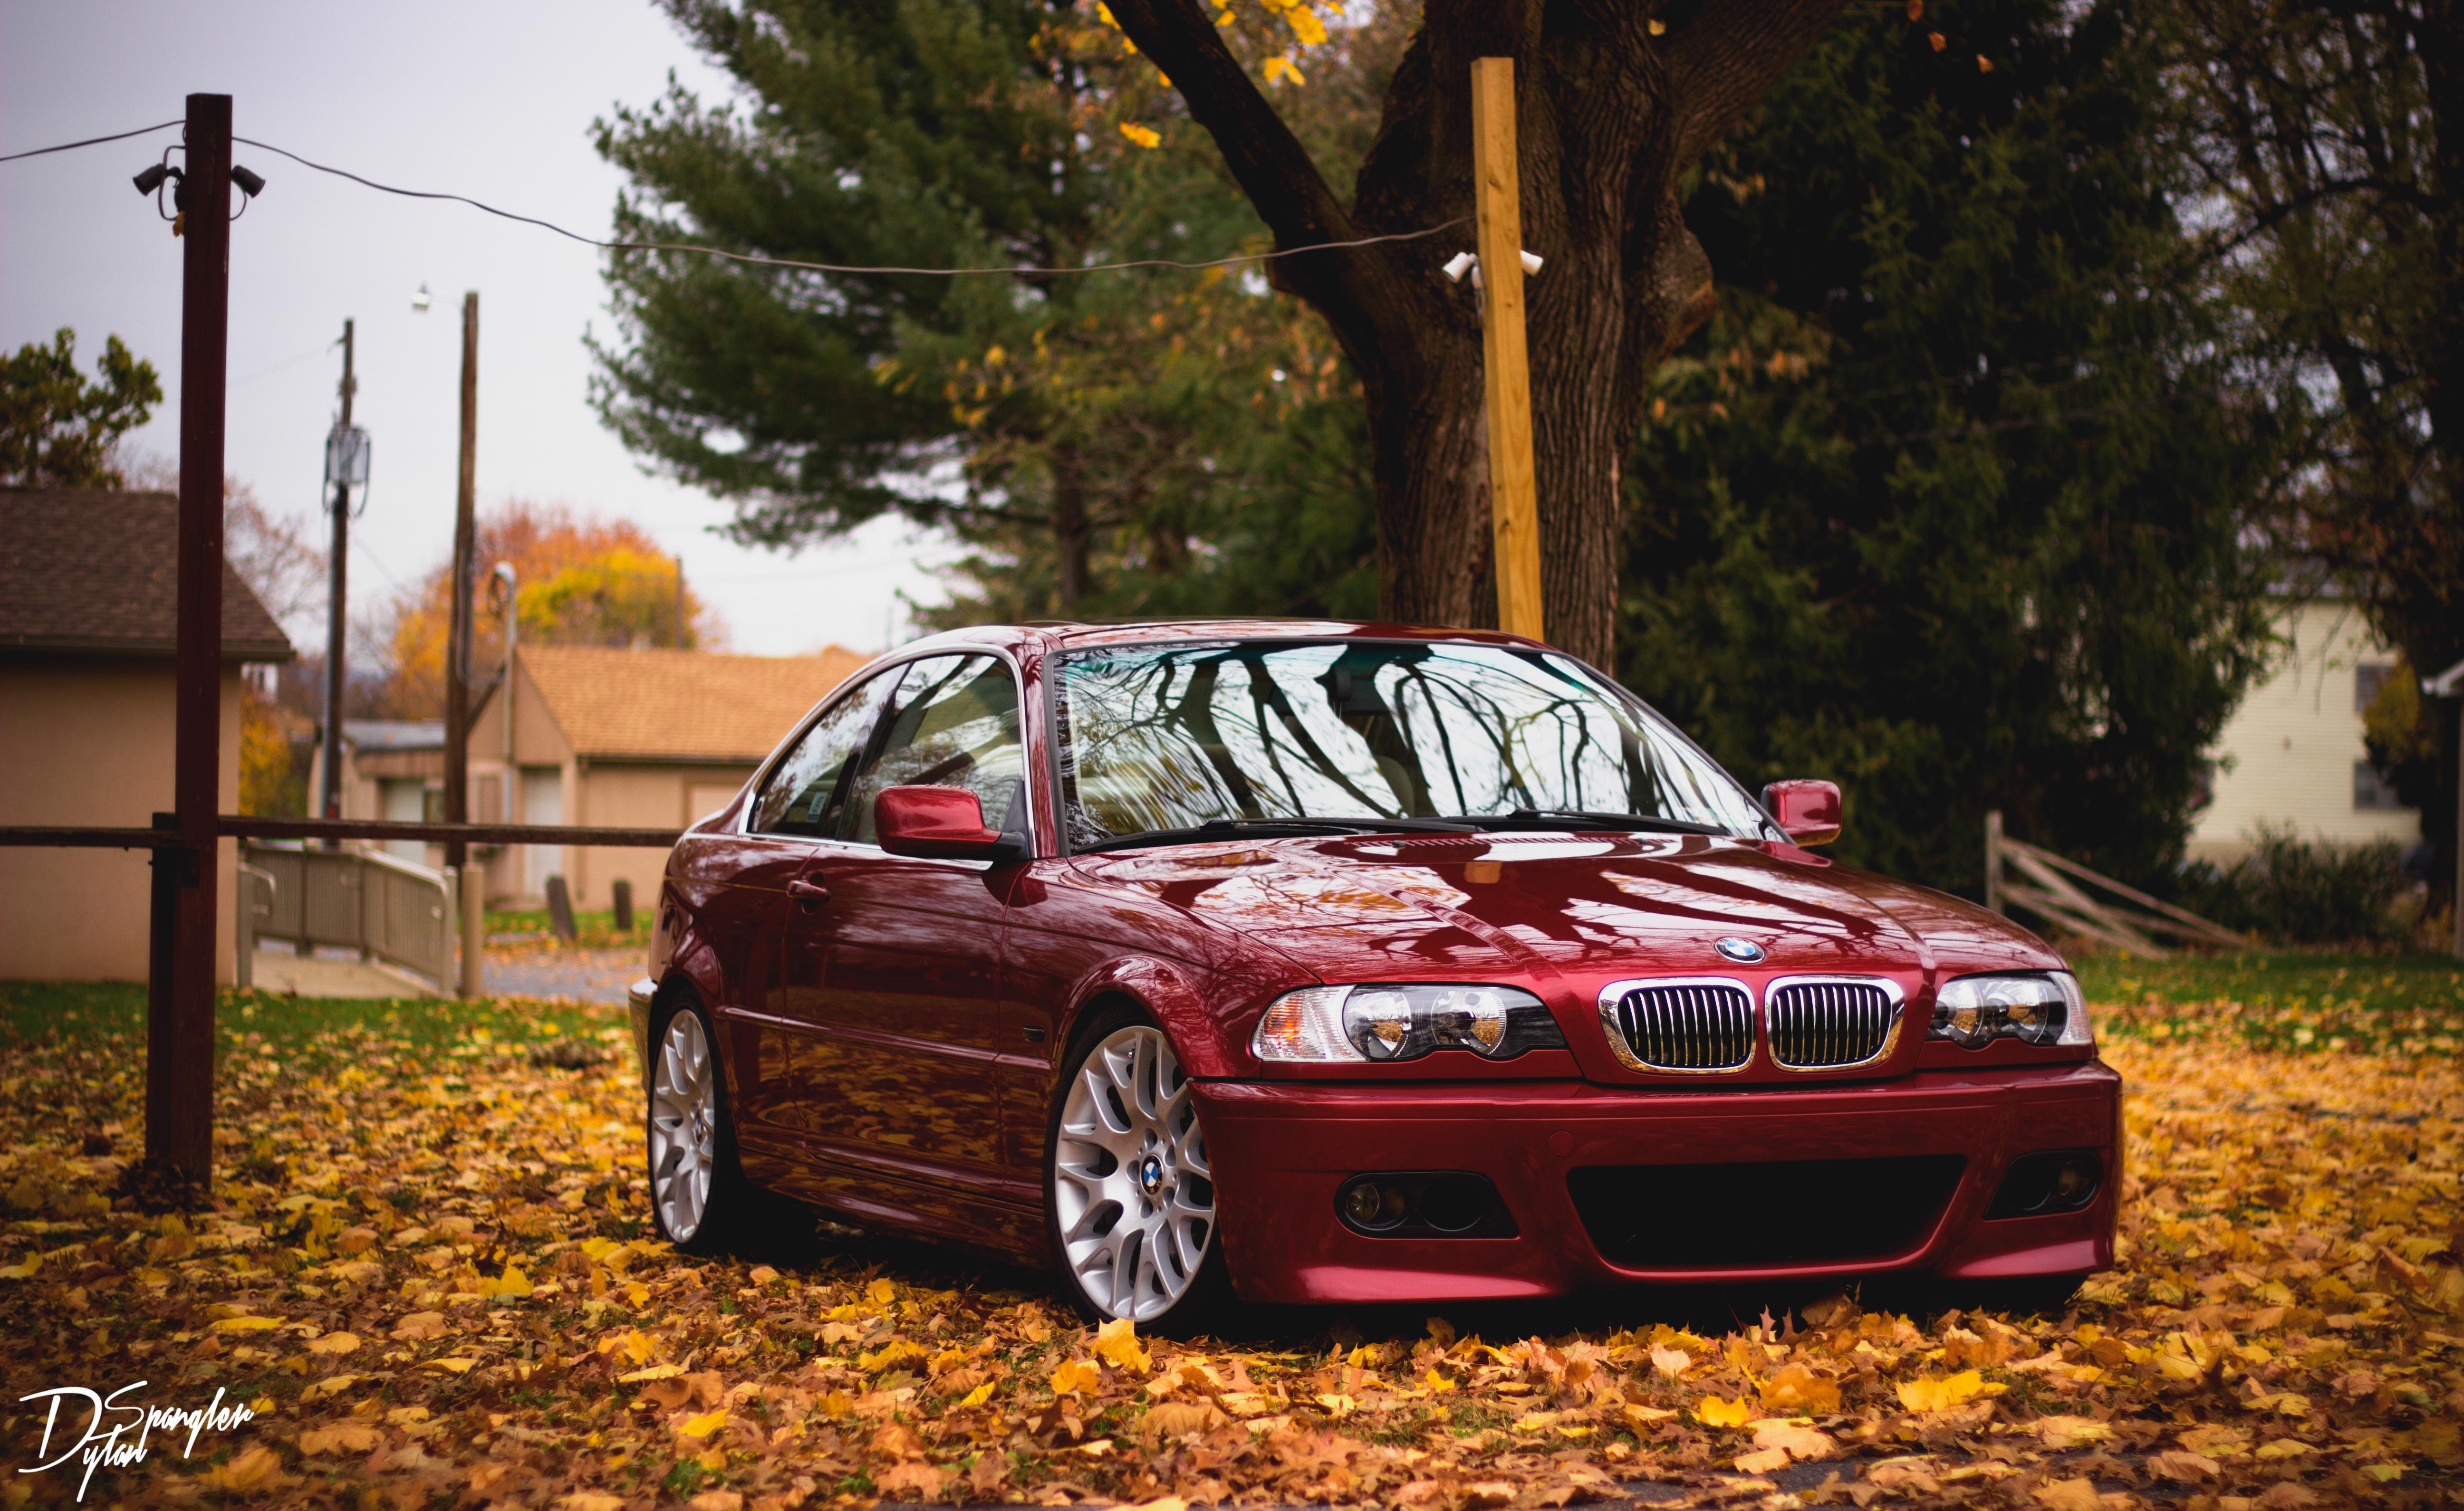 113638 скачать обои Тачки (Cars), Бмв (Bmw), Красный, Вид Сбоку, Листва, Осень - заставки и картинки бесплатно